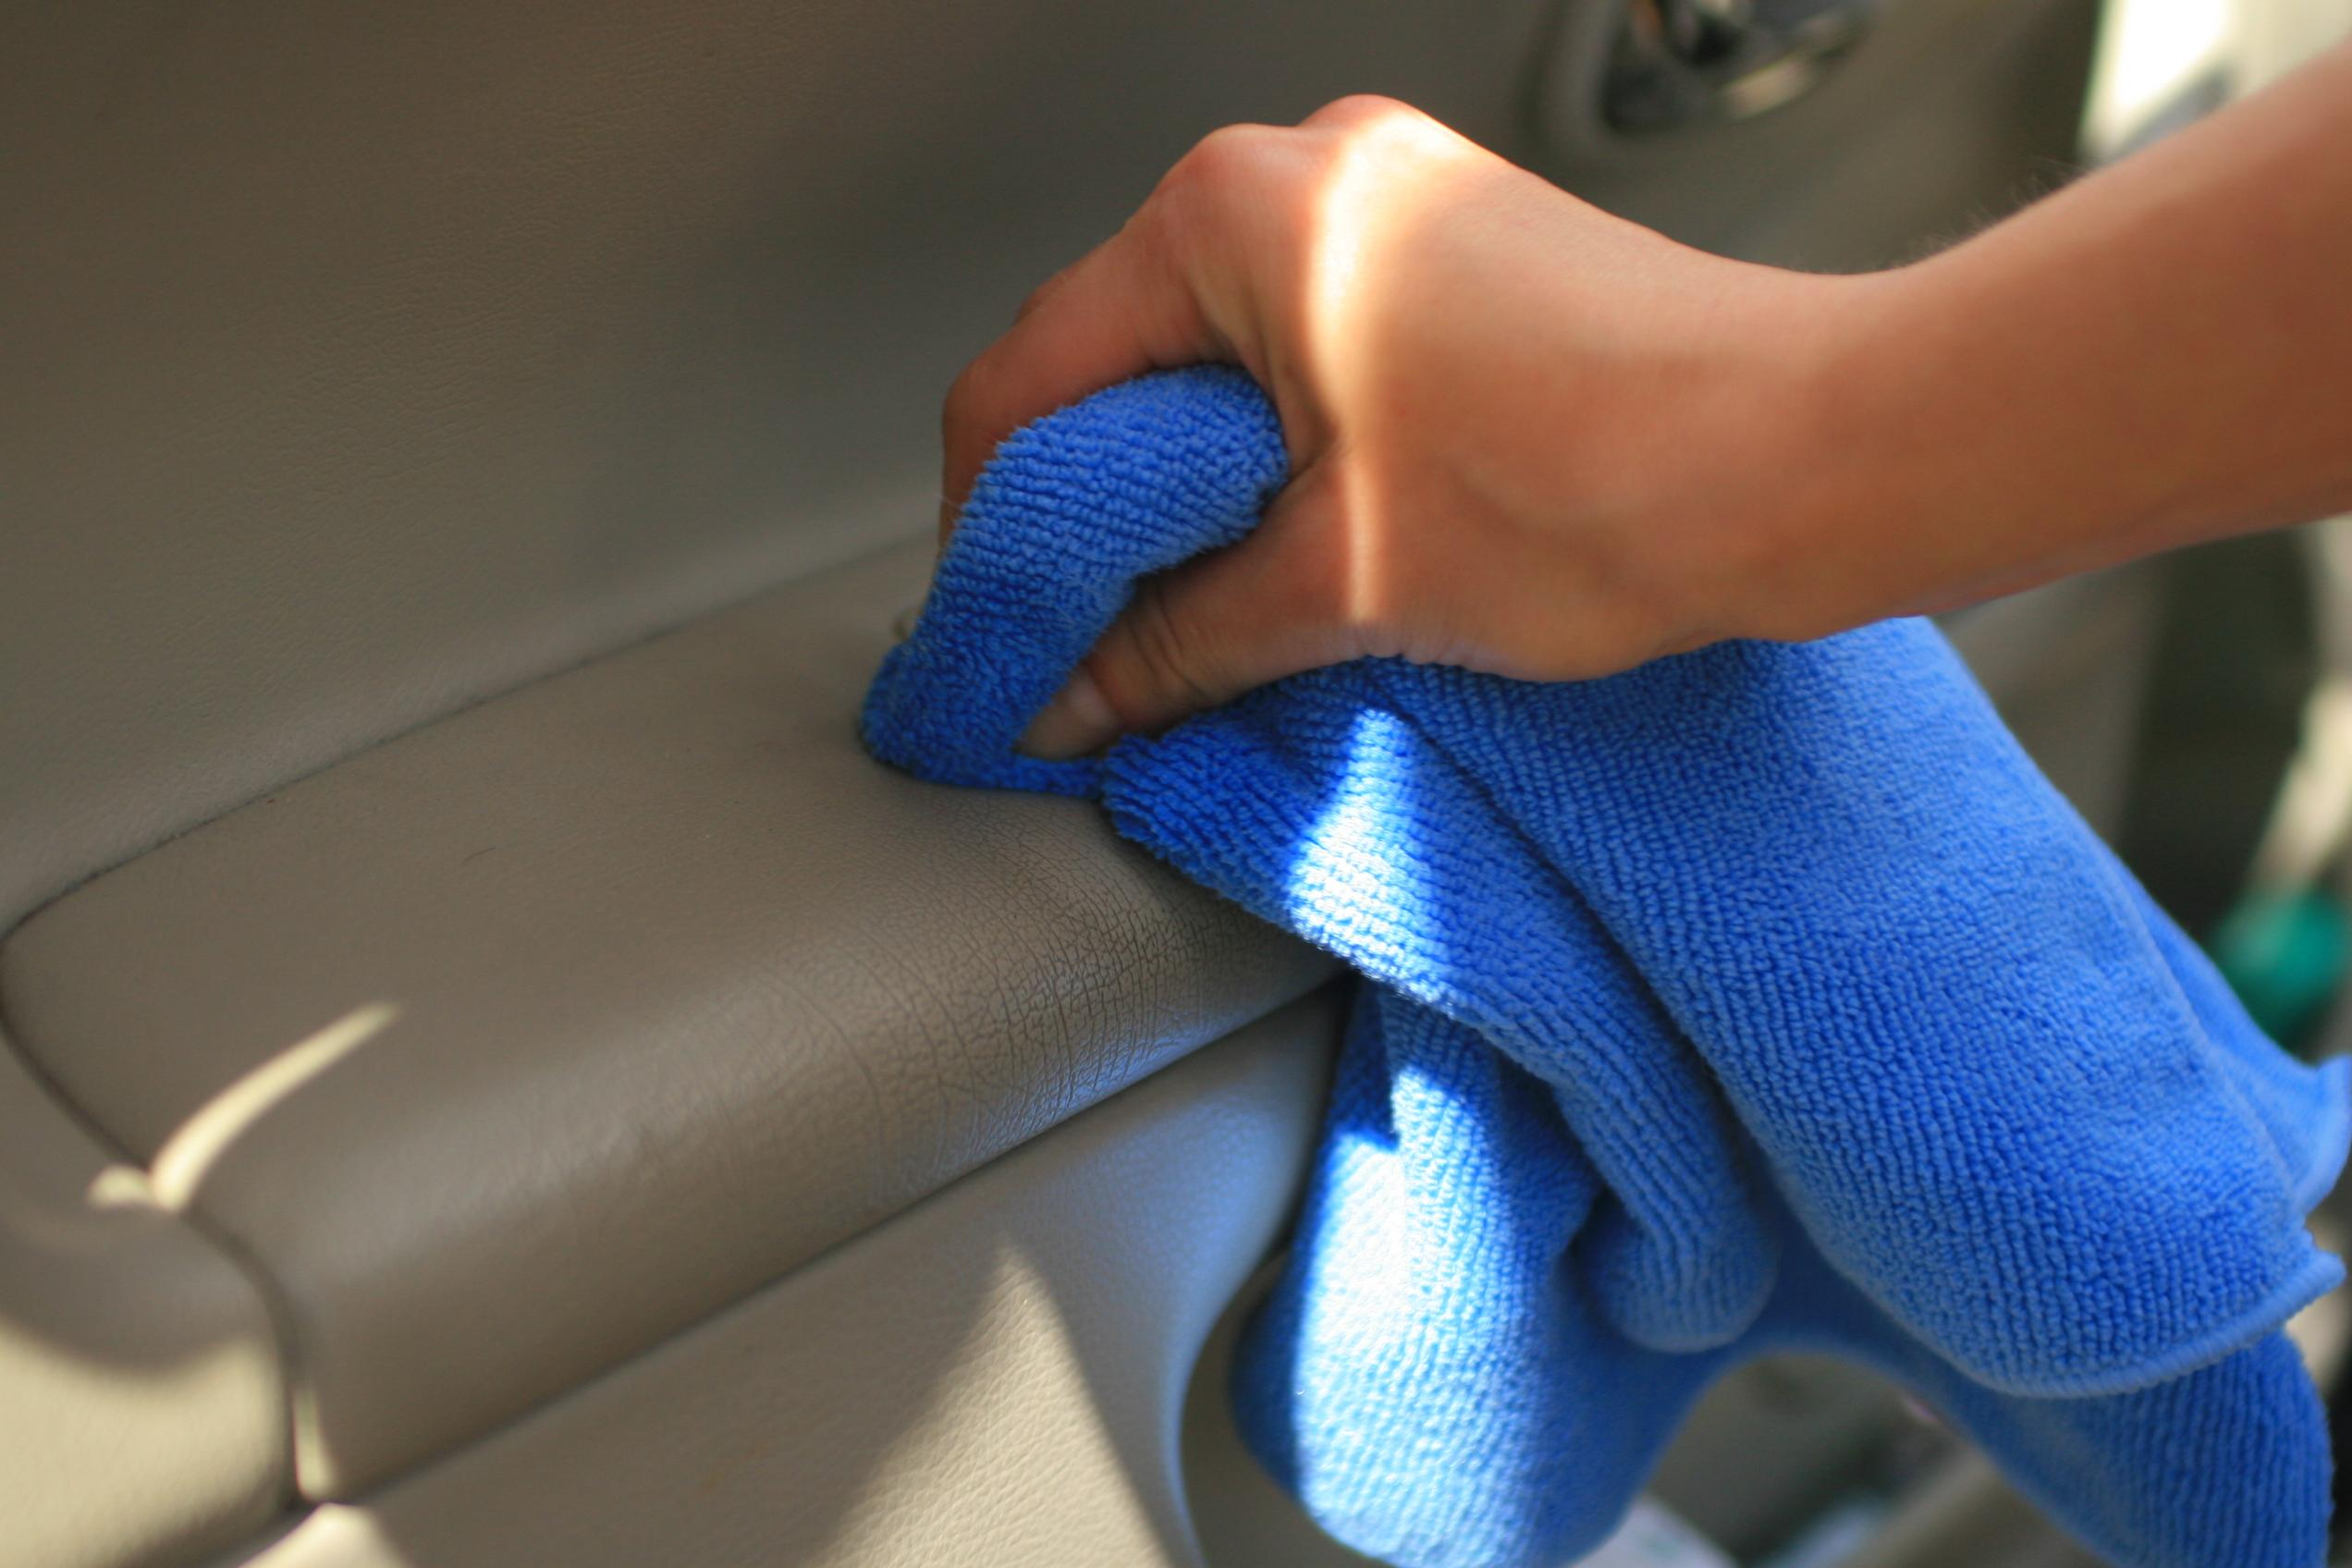 czyszczenie tapicerki skorzanej Leather Cleaner 2 - Photo Gallery